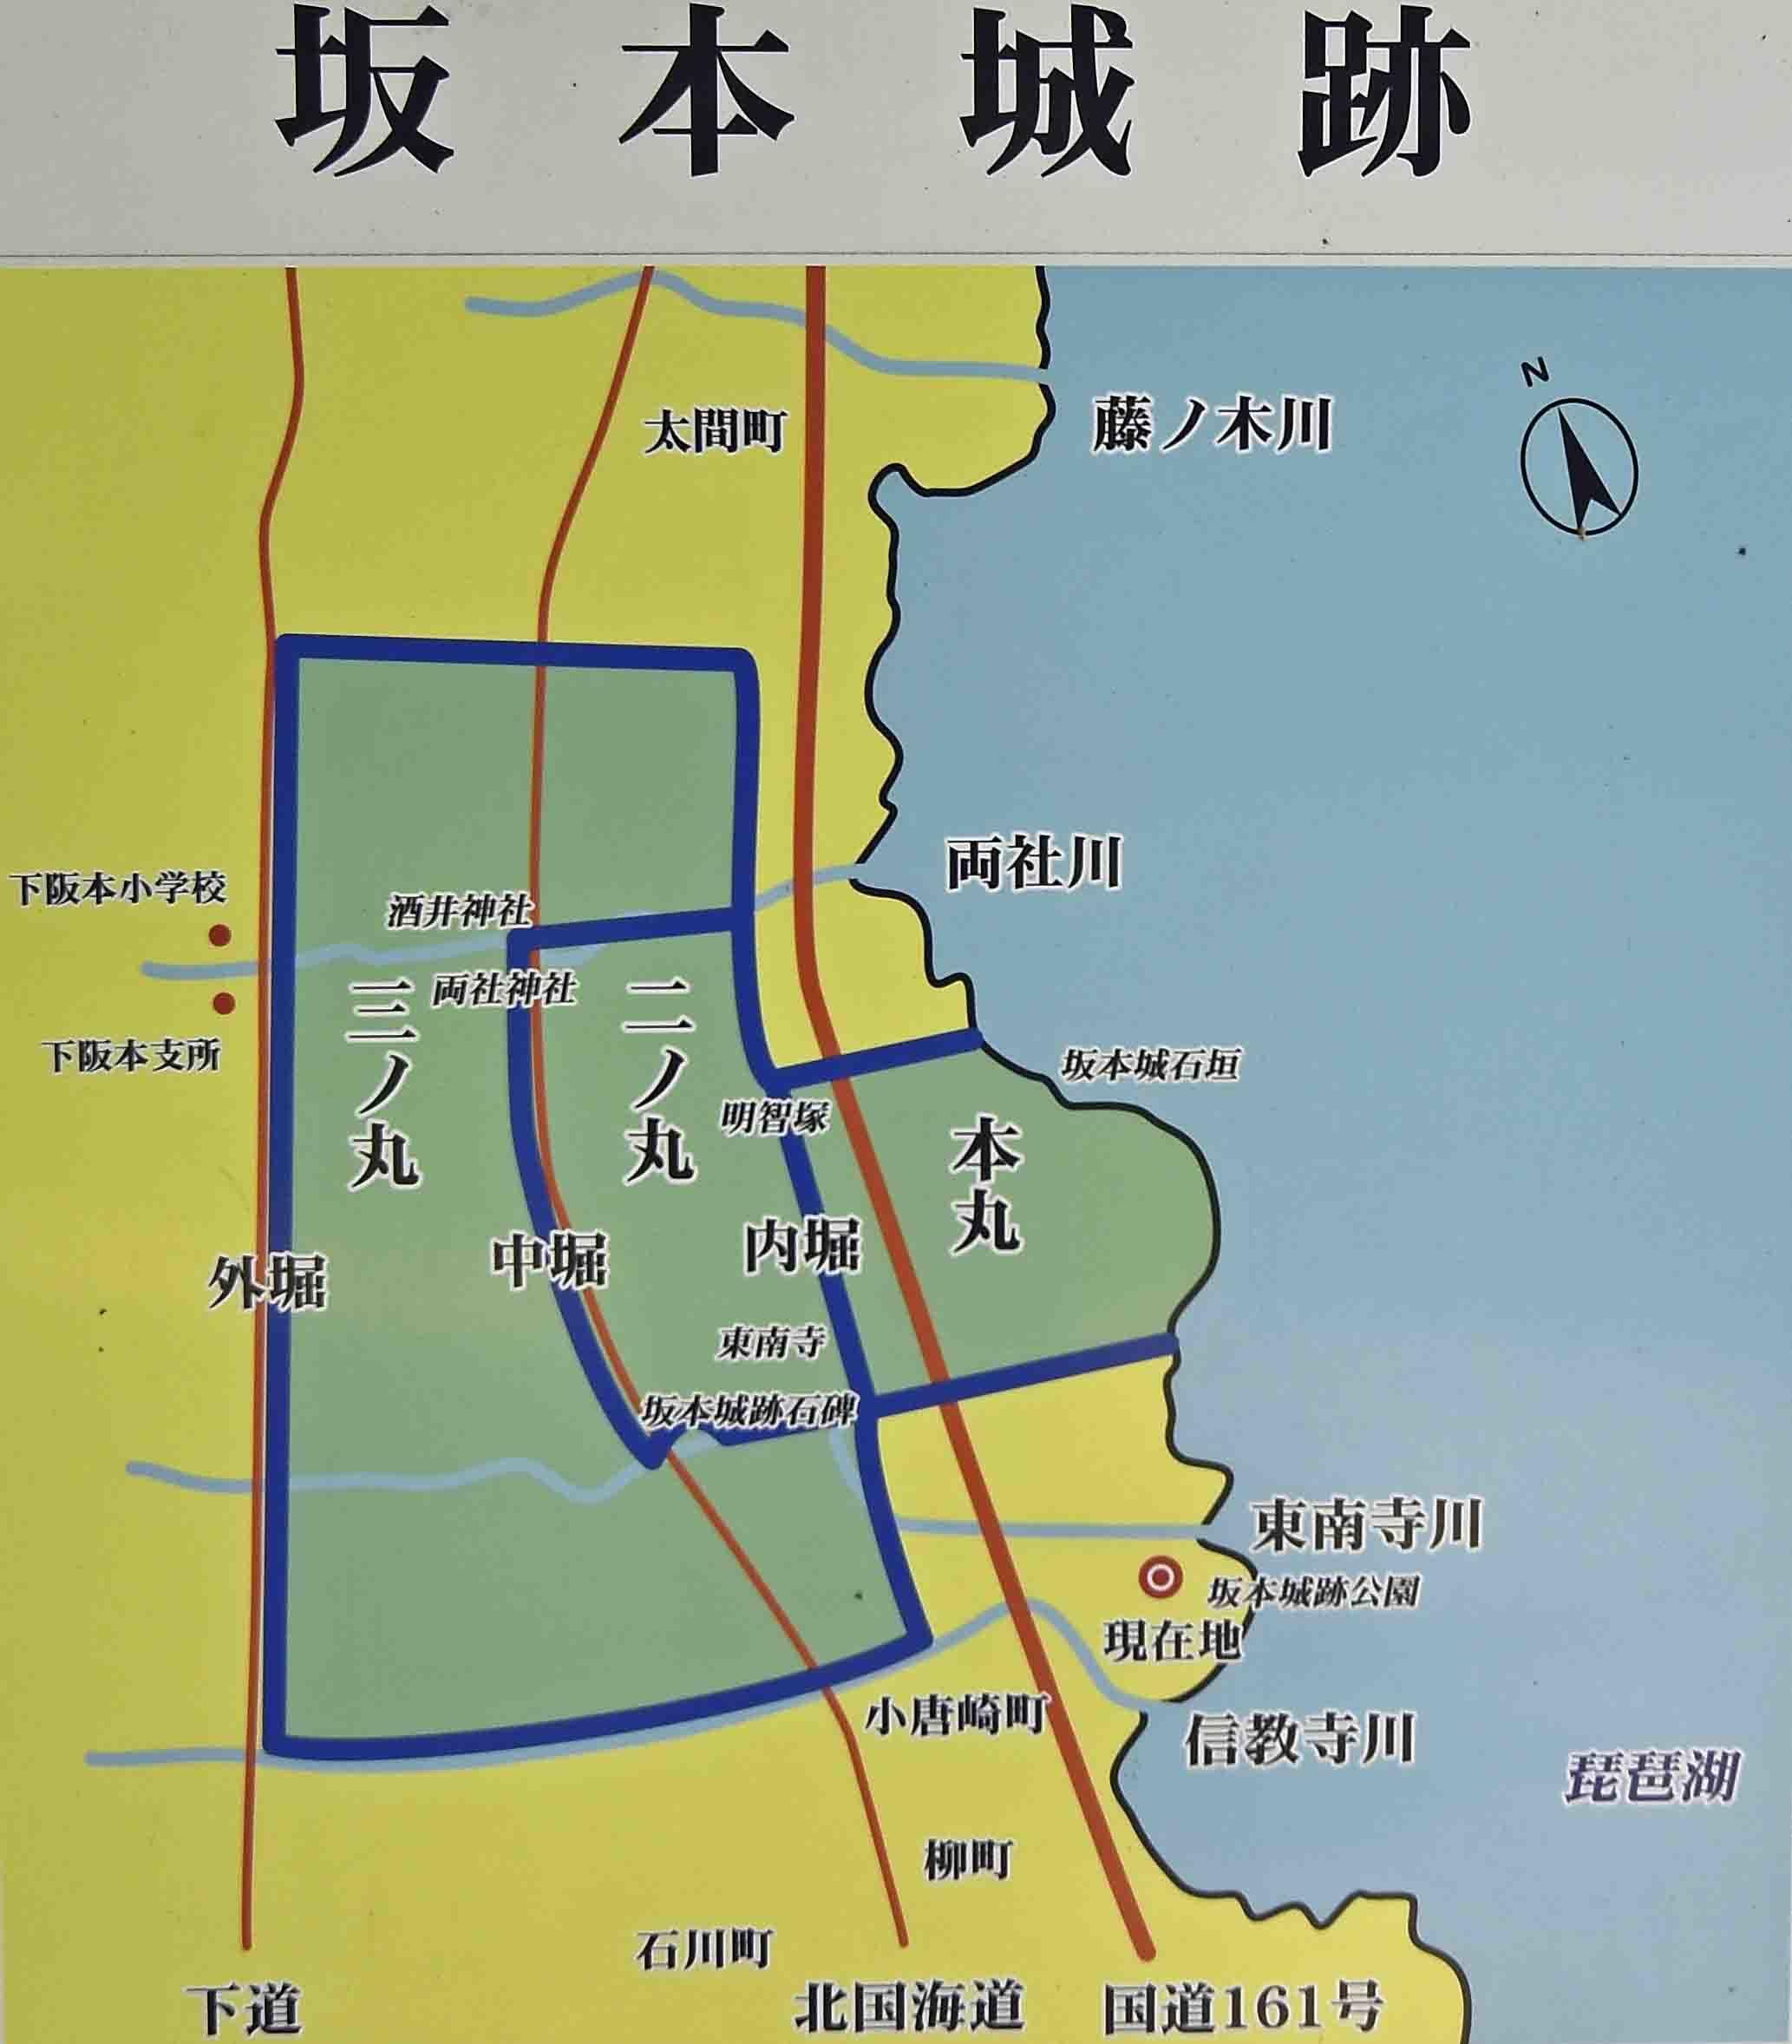 坂本城 現地説明板より